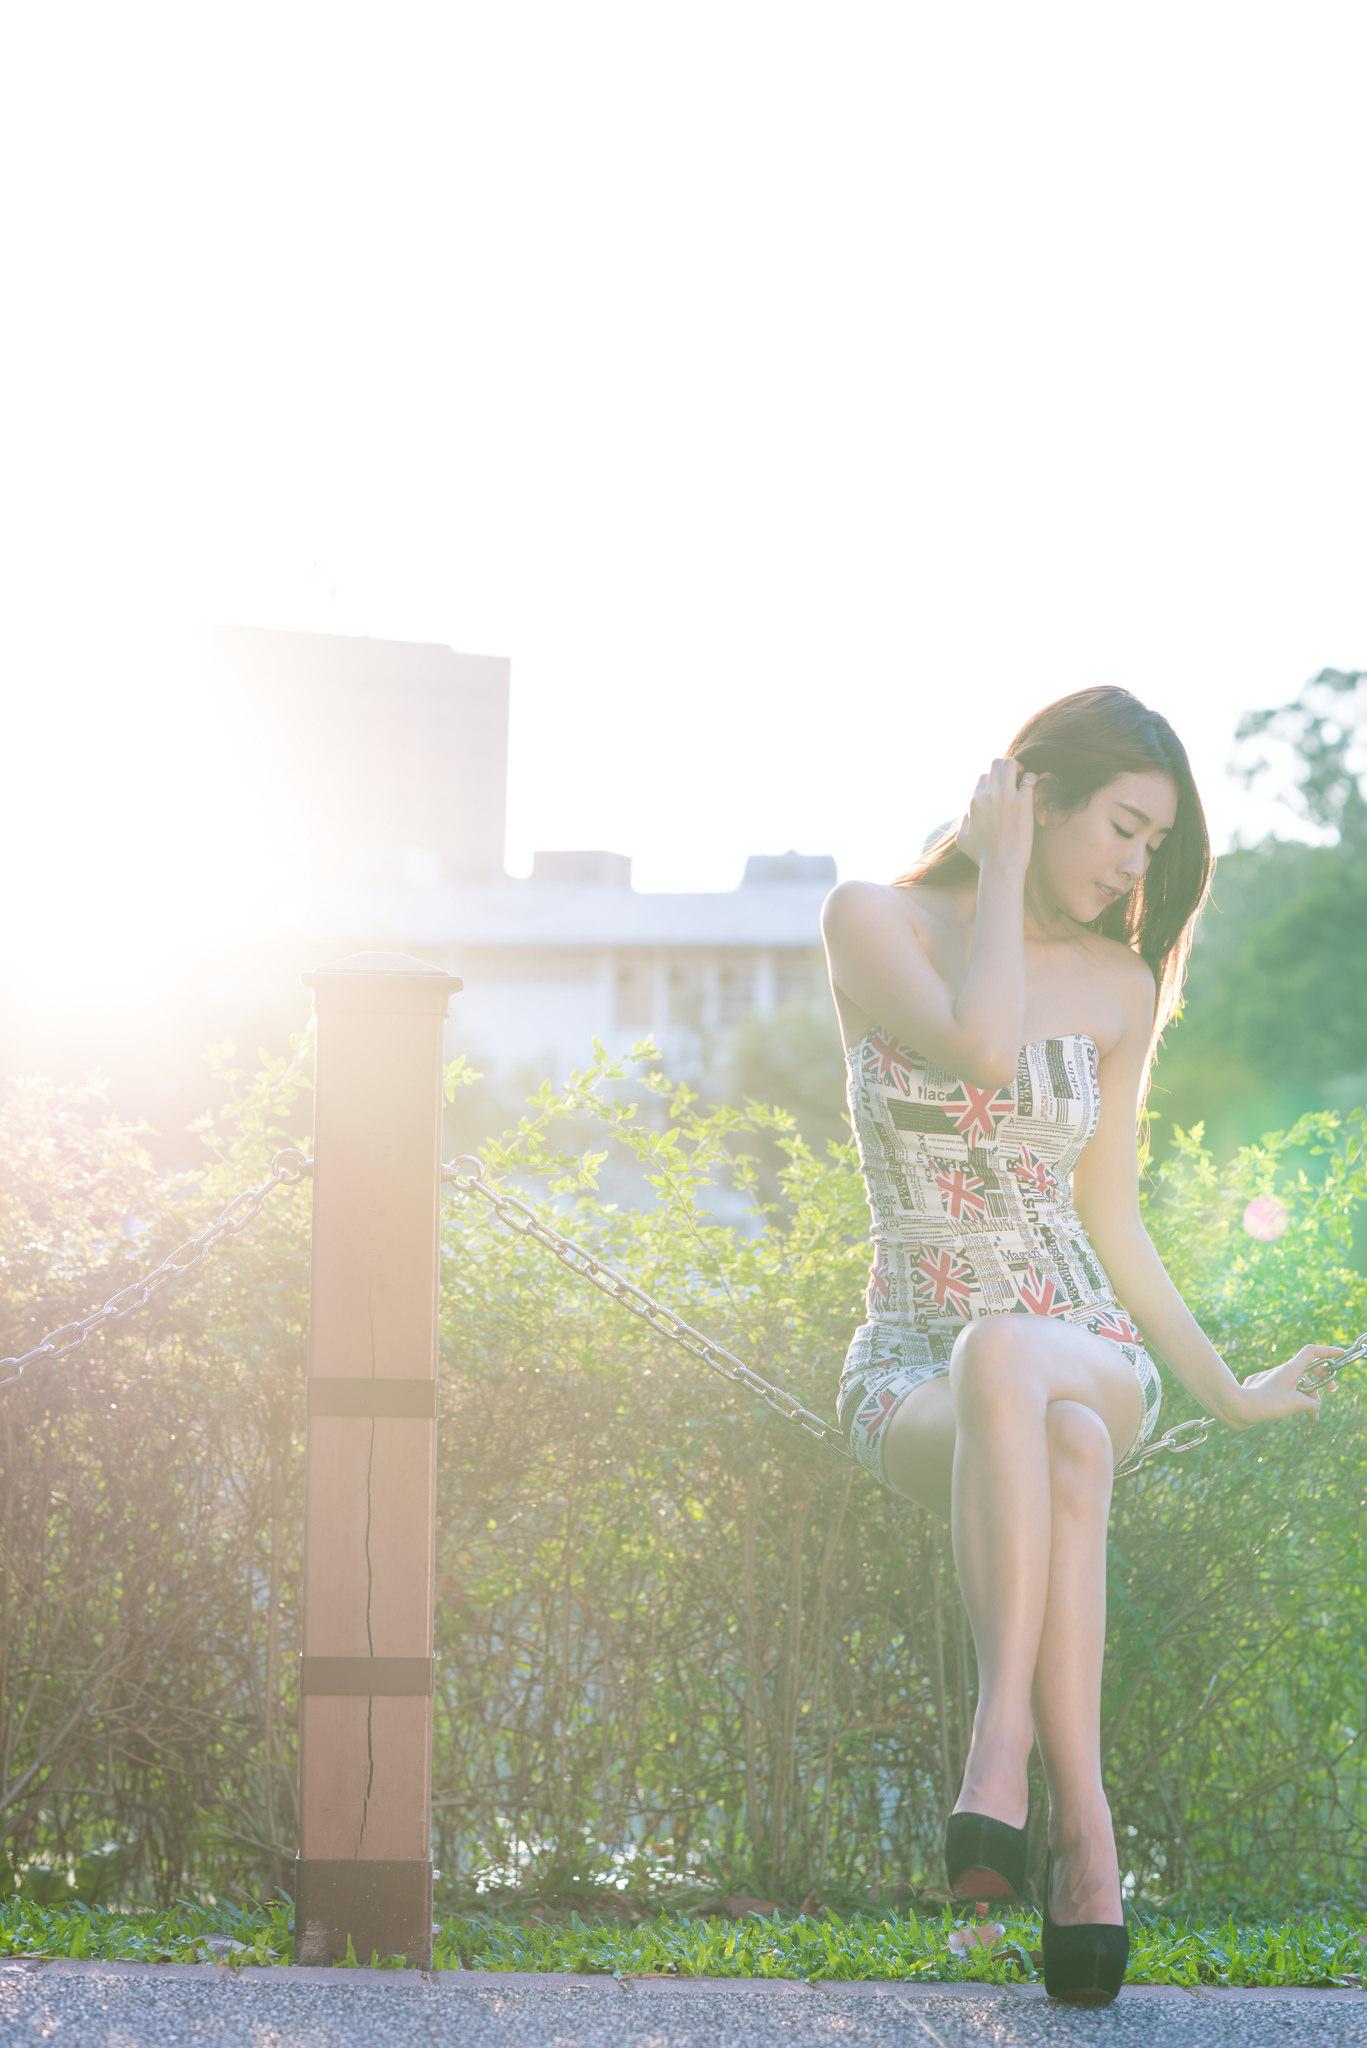 【现代时尚素材篇】人见人爱--迷人清纯美女 第111辑 - 浪漫人生 - .